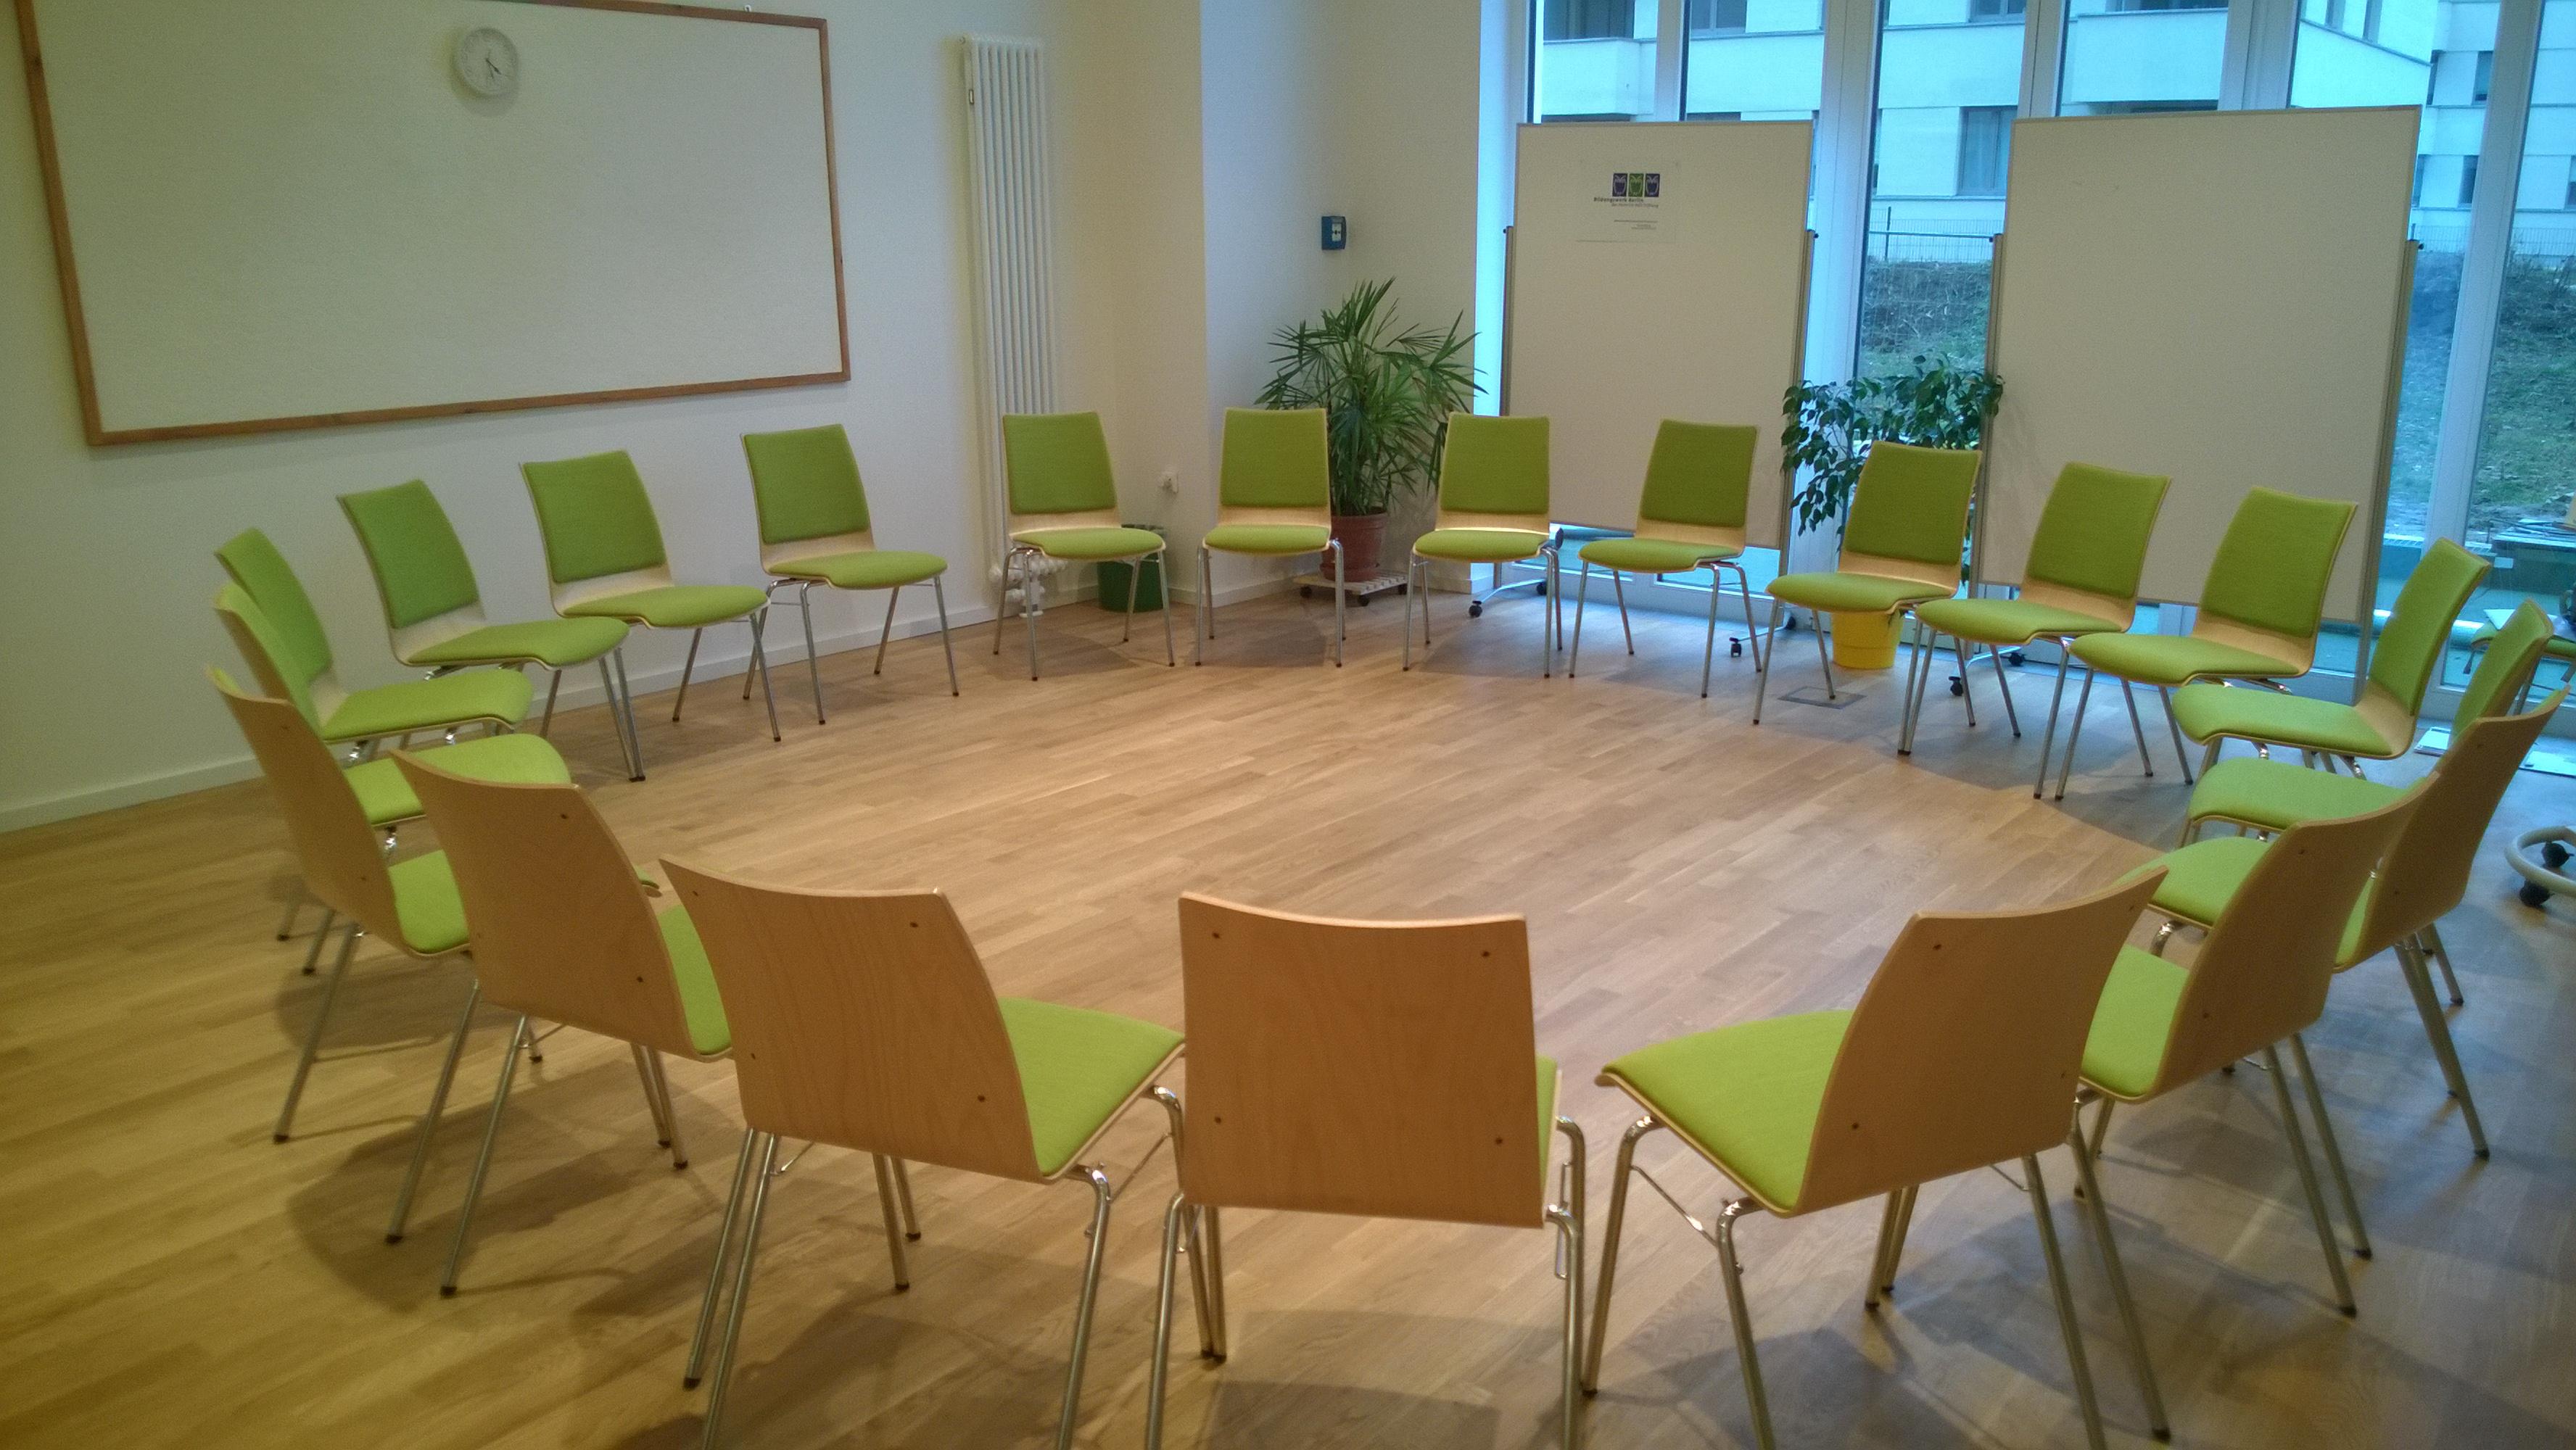 Seminarräume | Bildungswerk Berlin der Heinrich-Böll-Stiftung